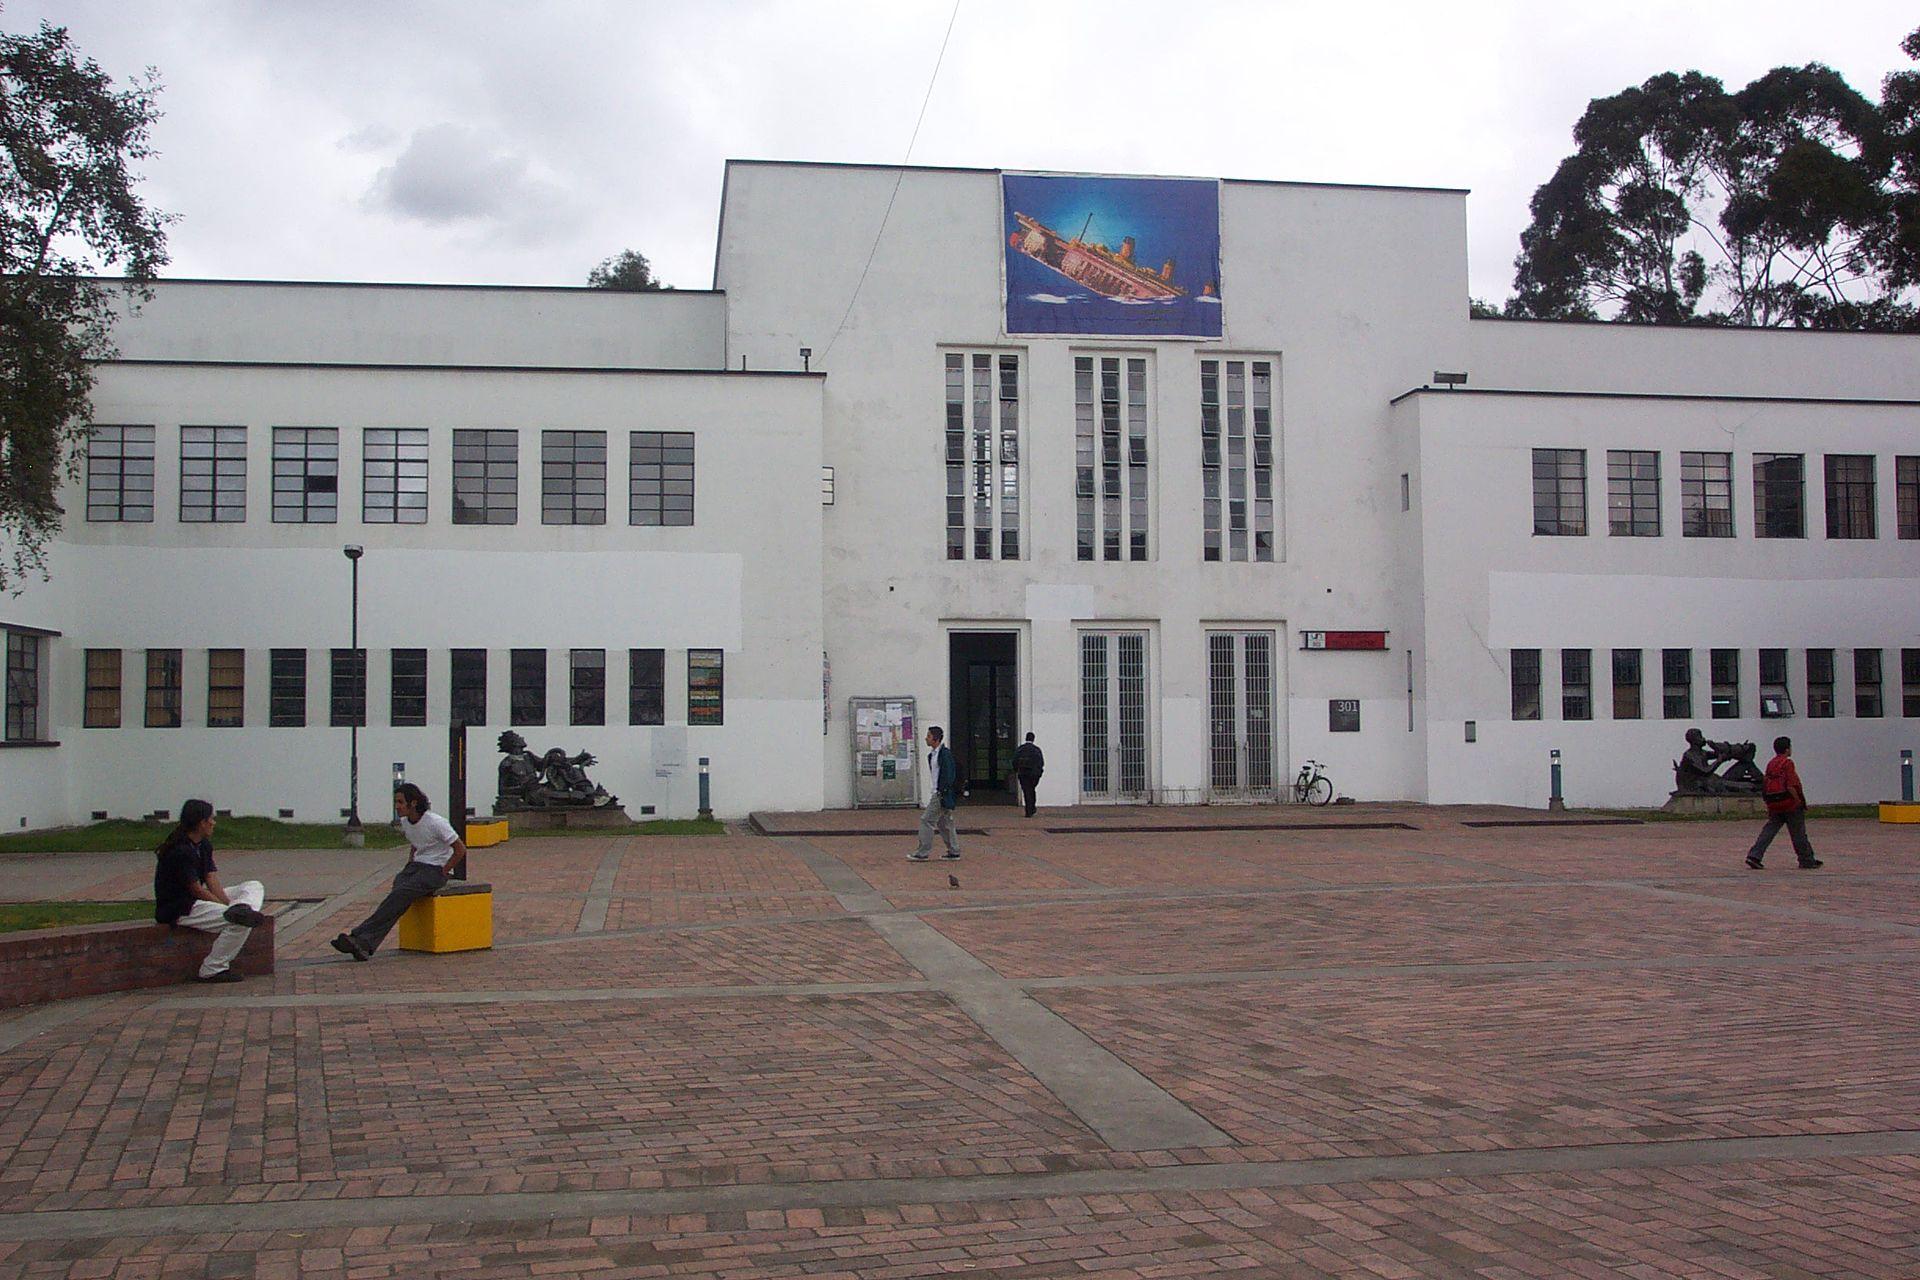 Facultad de artes unal bogot wikipedia la for Universidad de arte